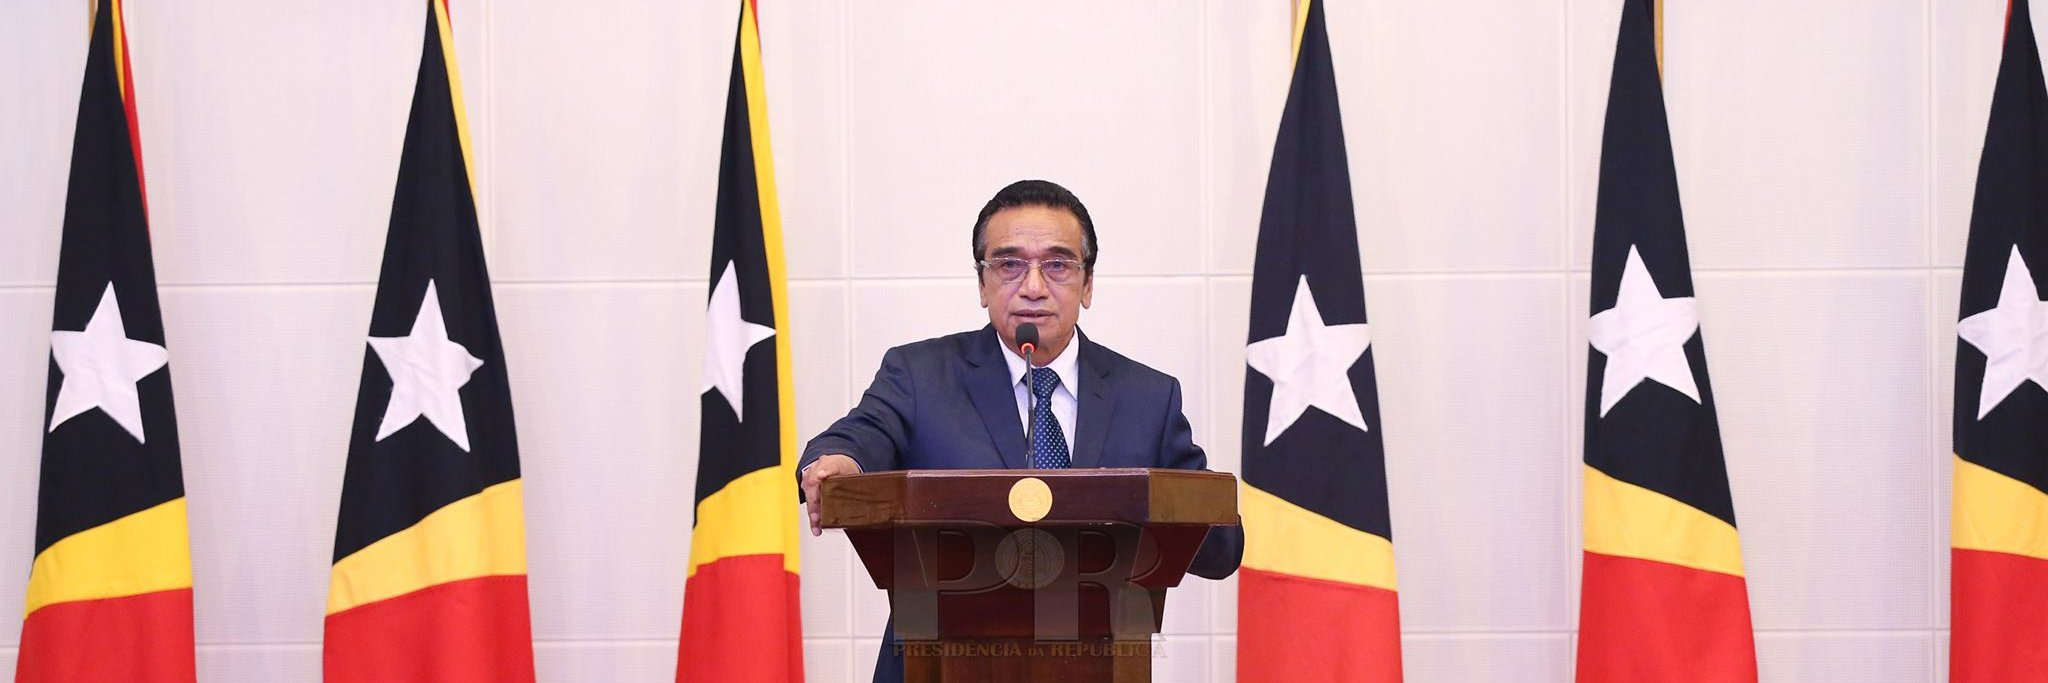 President RDTL - Francisco Guterres Lú Olo